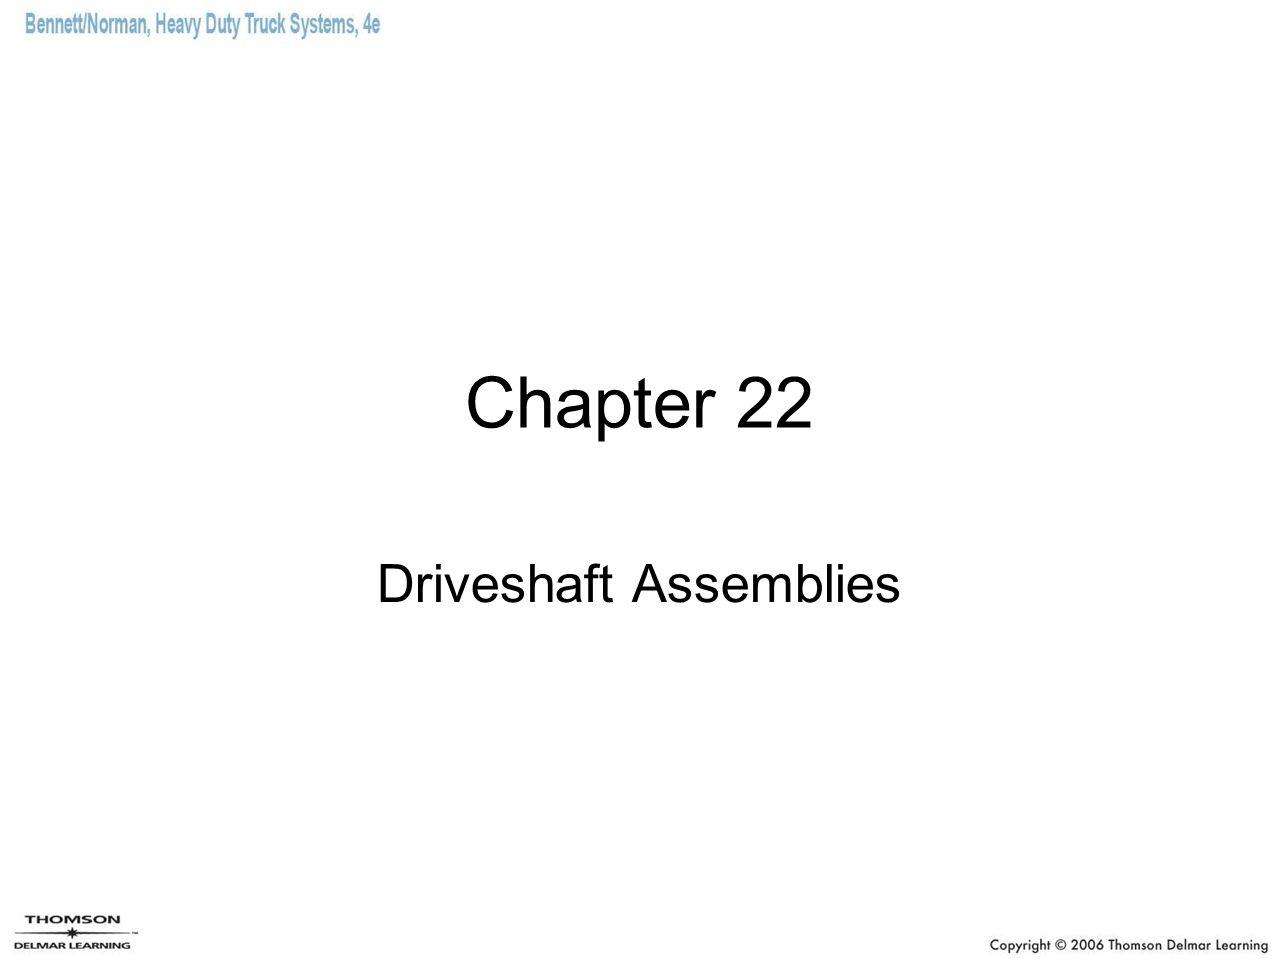 Driveshaft Assemblies